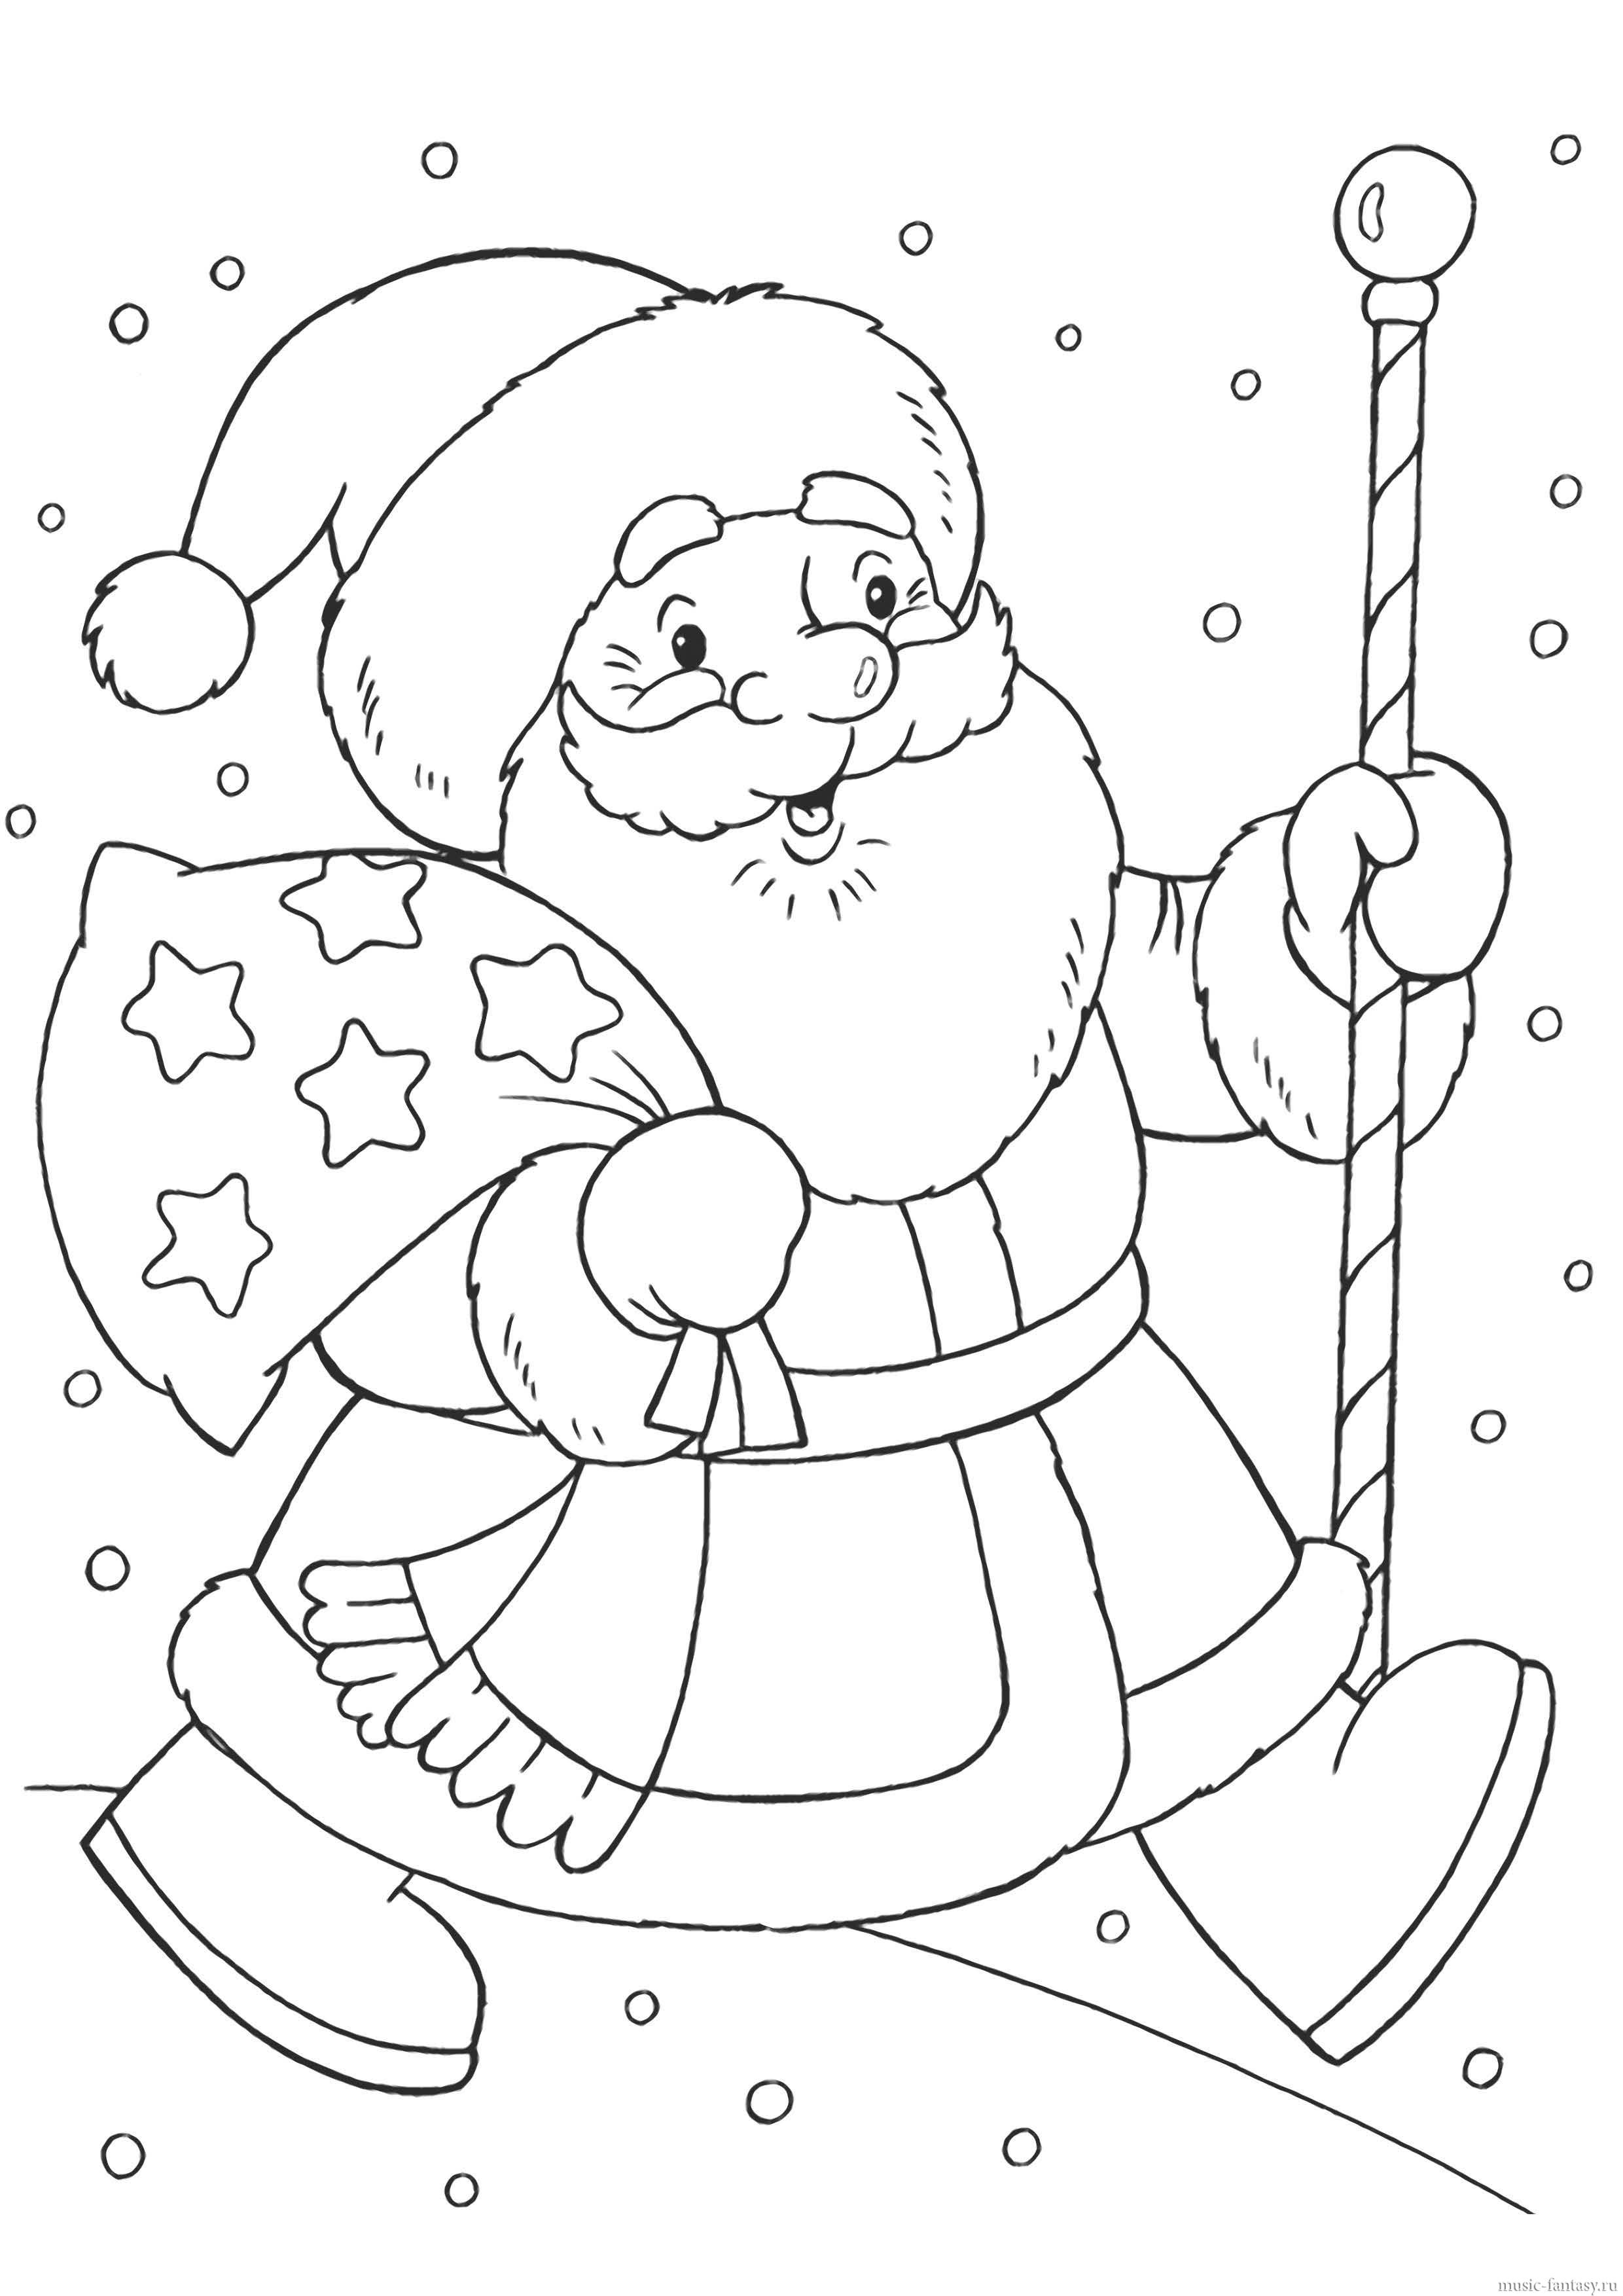 19. Альбом для выкладывания рисунков и раскрасок с Дедом Морозом, Снегурочкой, новогодними сюжетами.